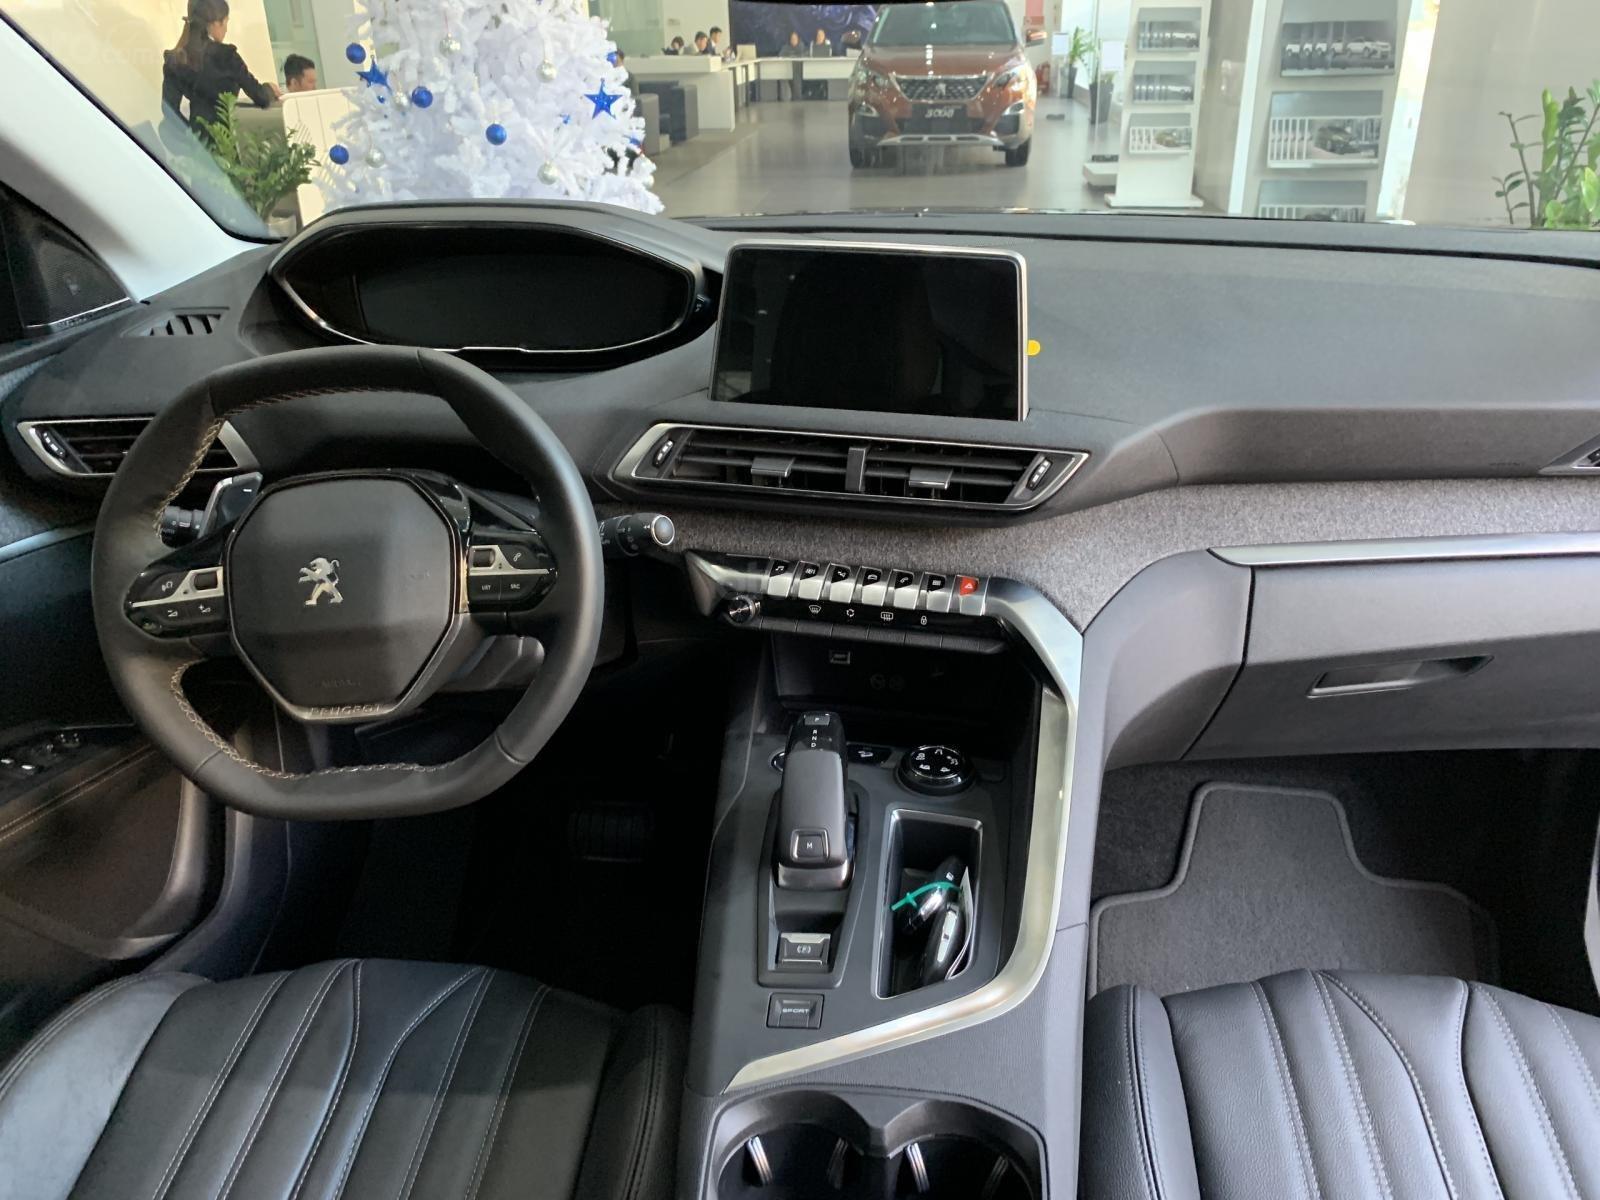 Peugeot Lê Duẩn - Peugeot 5008 2019 siêu HOT - trả trước 420 triệu - xe giao ngay - khuyến mãi khủng, giá sốc-2